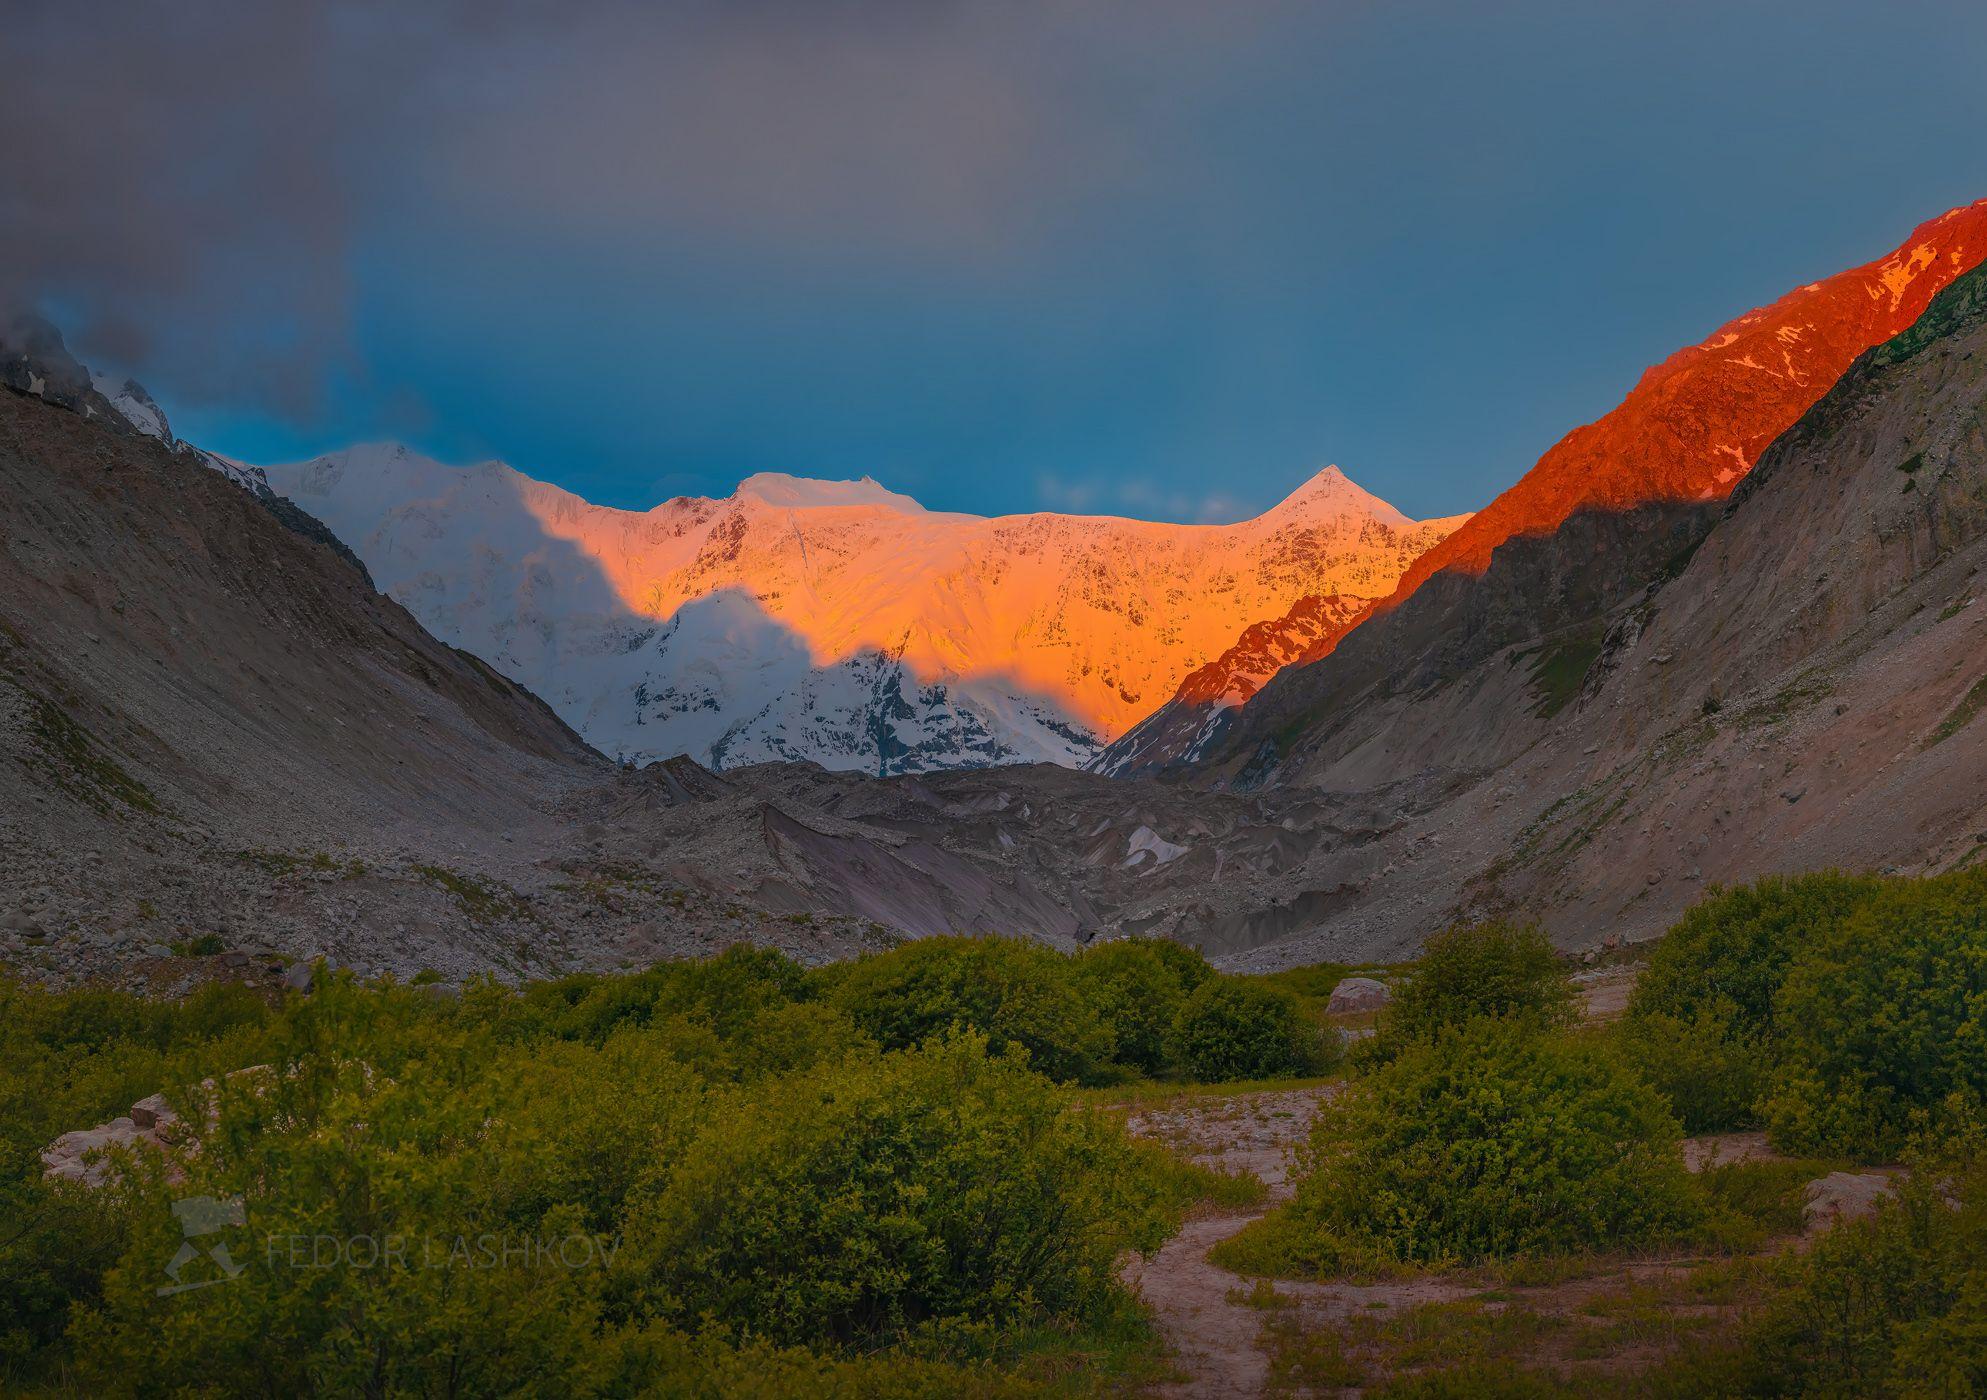 северный кавказ, горы, гора, вершина, путешествие, туризм, хребет, безенгийская стена, кабардино-балкарский высокогорный заповедник, рассвет, лето, безенгий, эко тропа, розовый, рассветное,, Лашков Фёдор